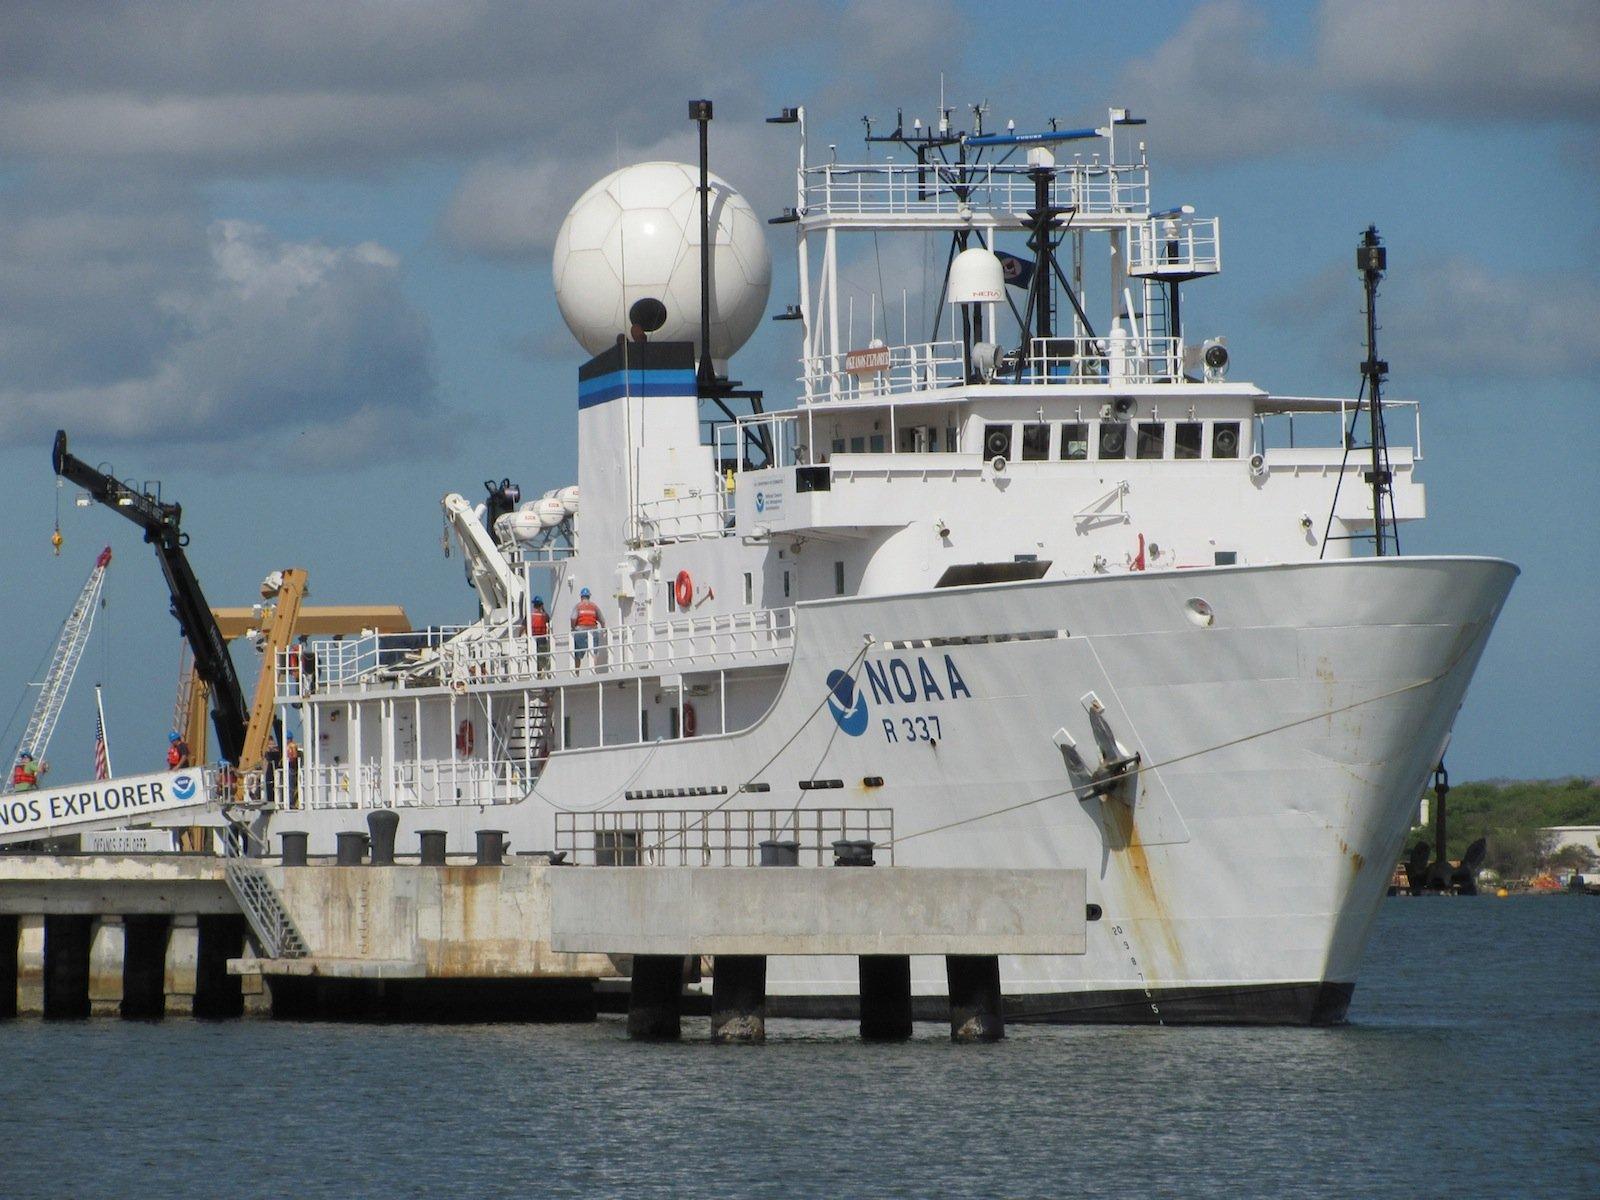 Noch bis Juli ist das Forschungsschiff Ocean Explorer auf Expedition im Marianengraben. Und schickt D2 in die Tiefen des Meeres, um bislang unbekannte Lebewesen zu entdecken und zu filmen.